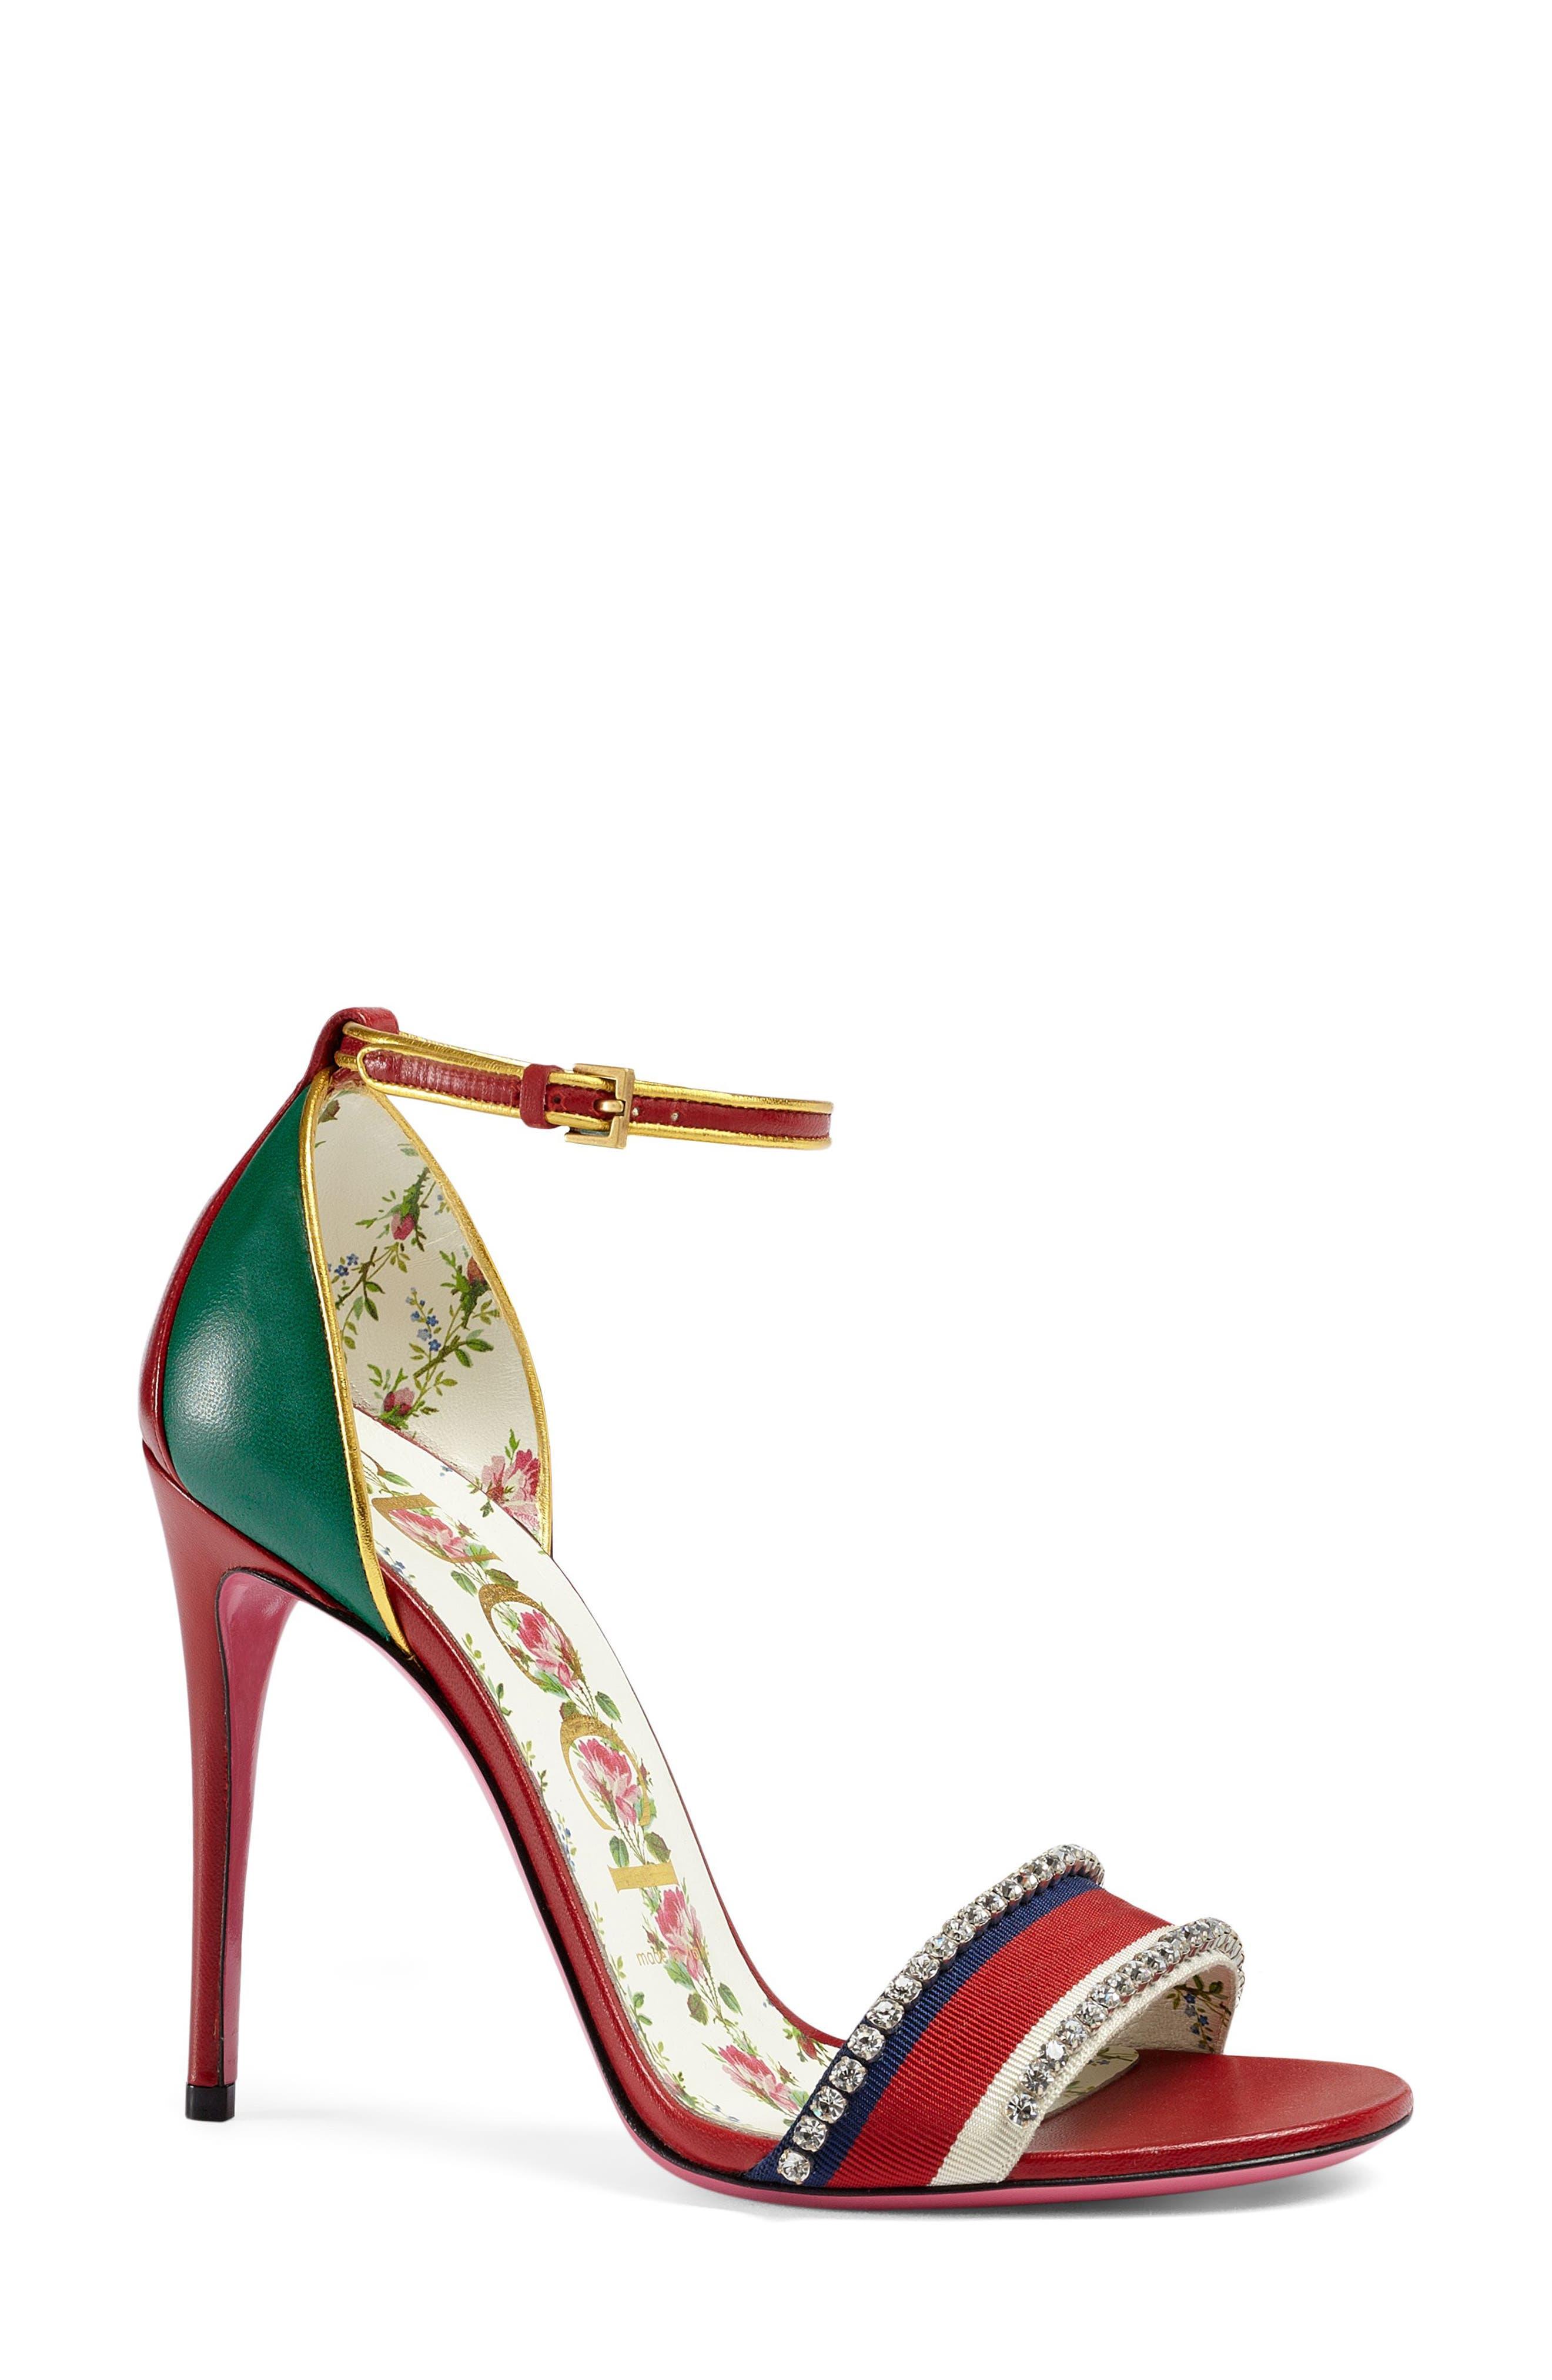 Main Image - Gucci Ilse Crystal Embellished Ankle Strap Sandal (Women)